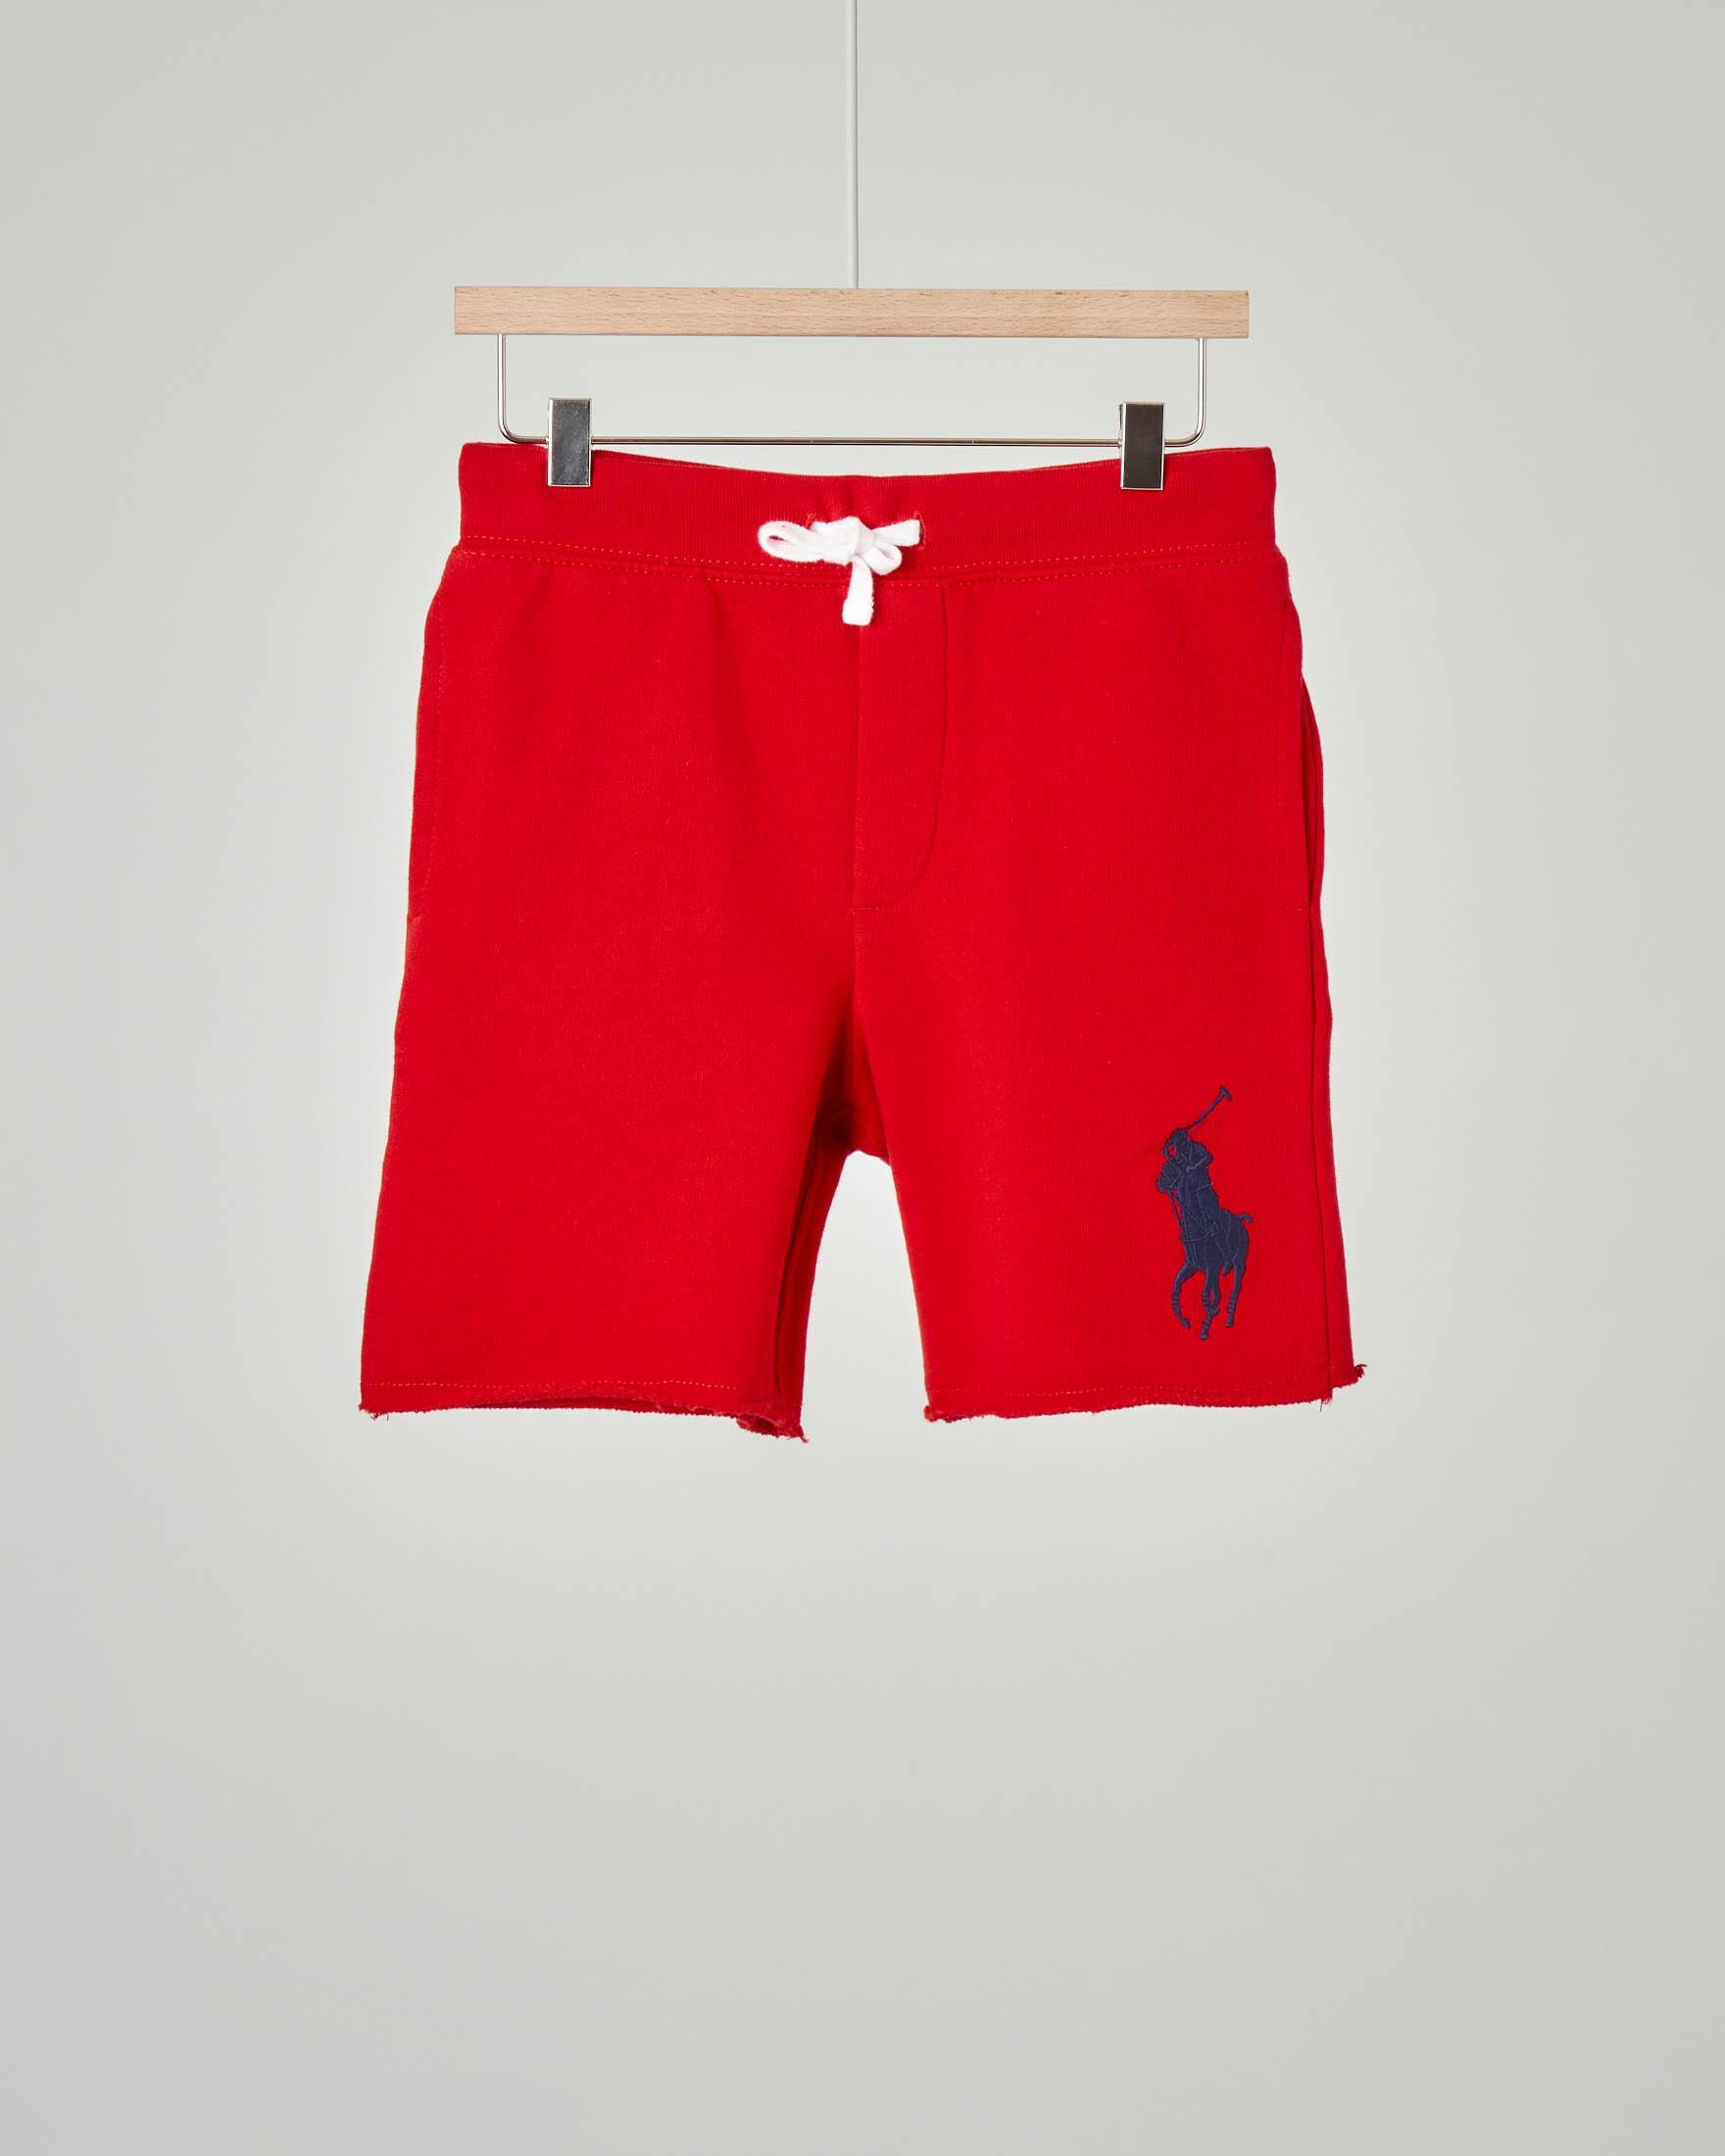 Bermuda rosso in felpa